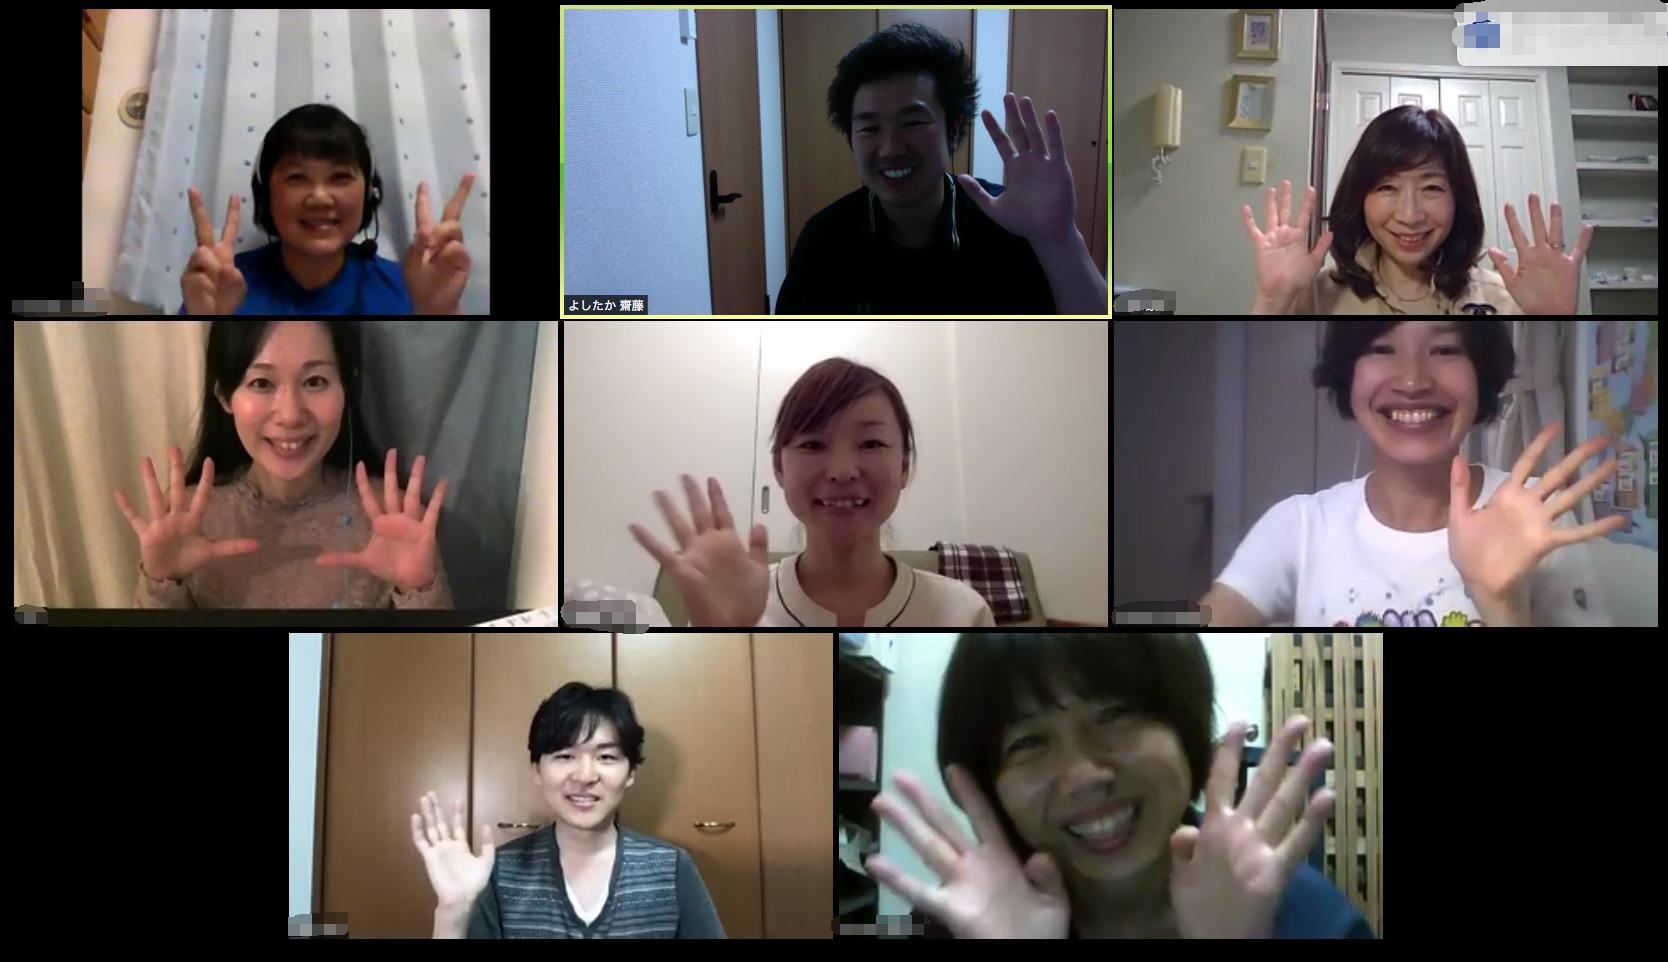 第1回Zoom2ステップ〇〇〇〇〇練習会 参考動画シェア